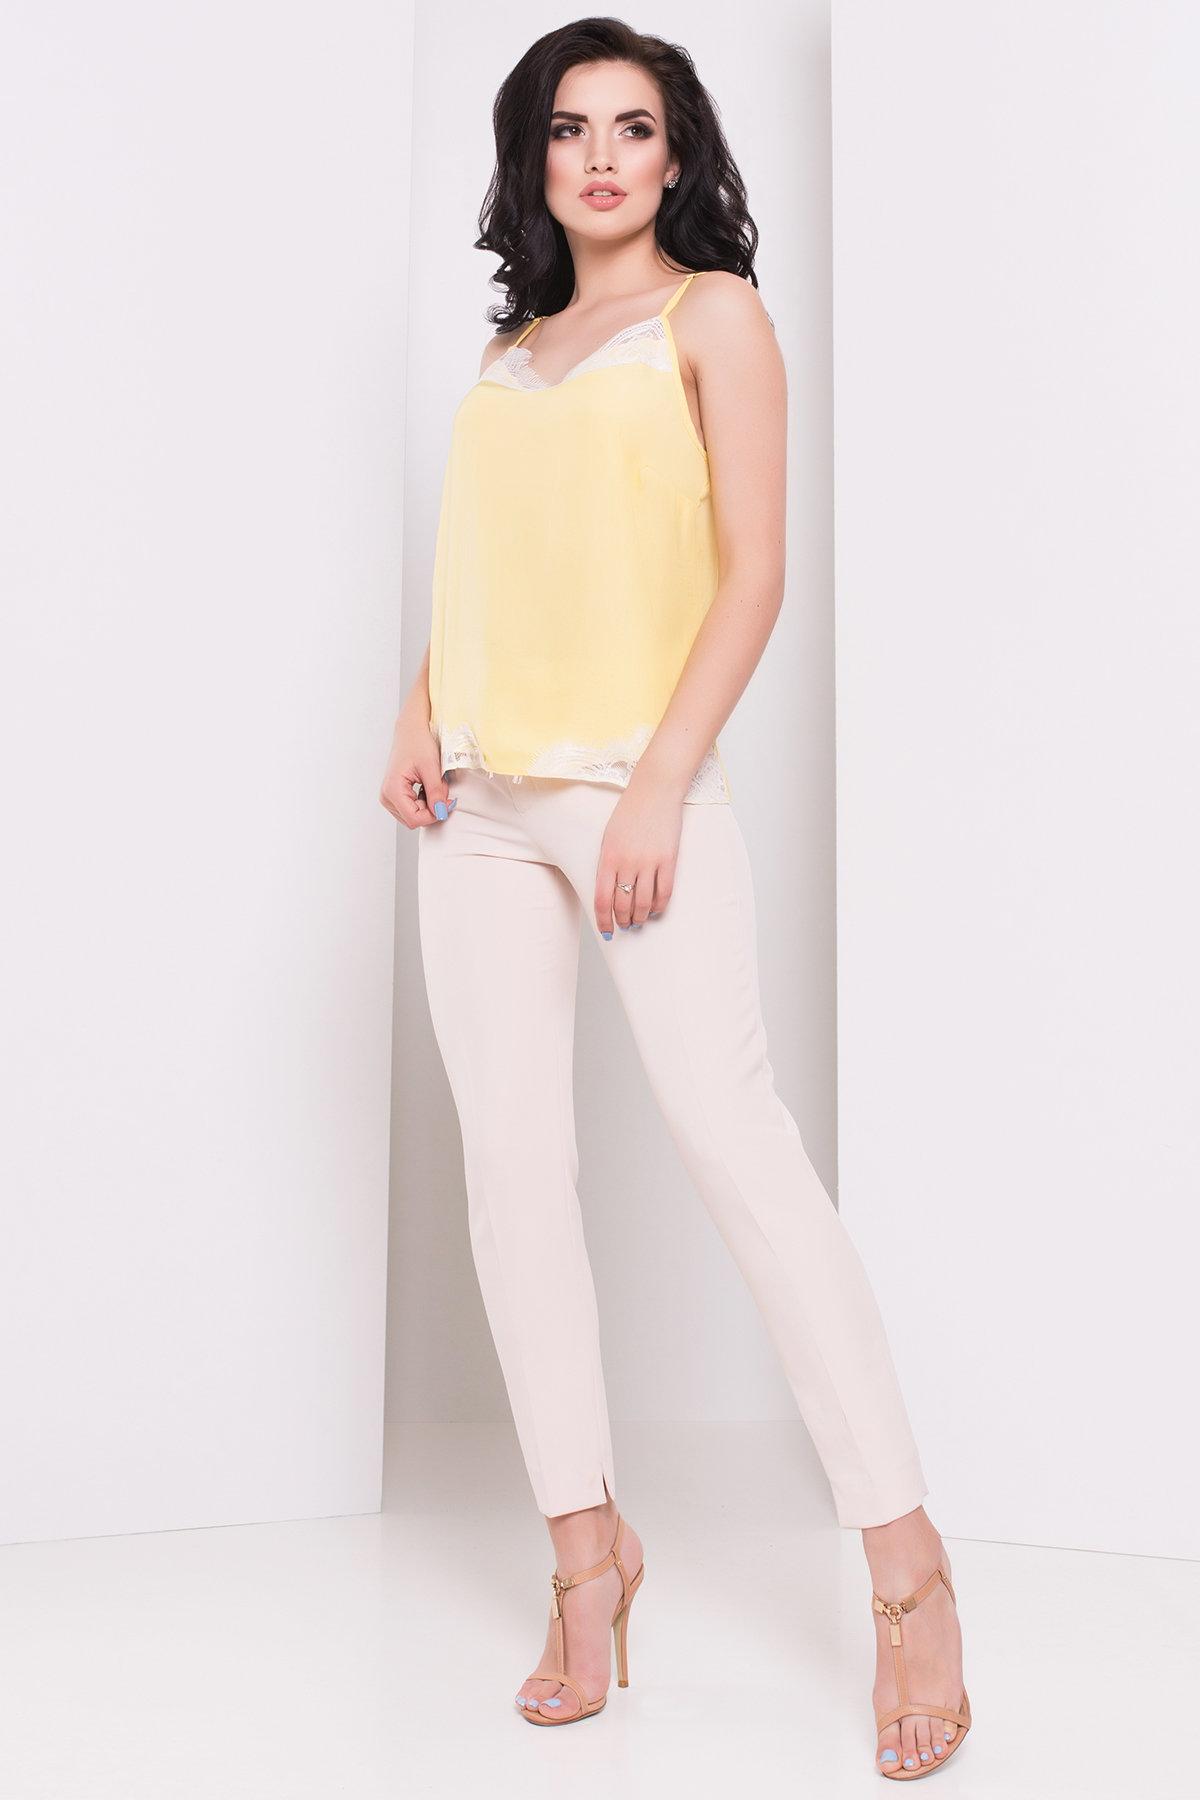 Блуза-топ Беатрис 3160 Цвет: Желтый